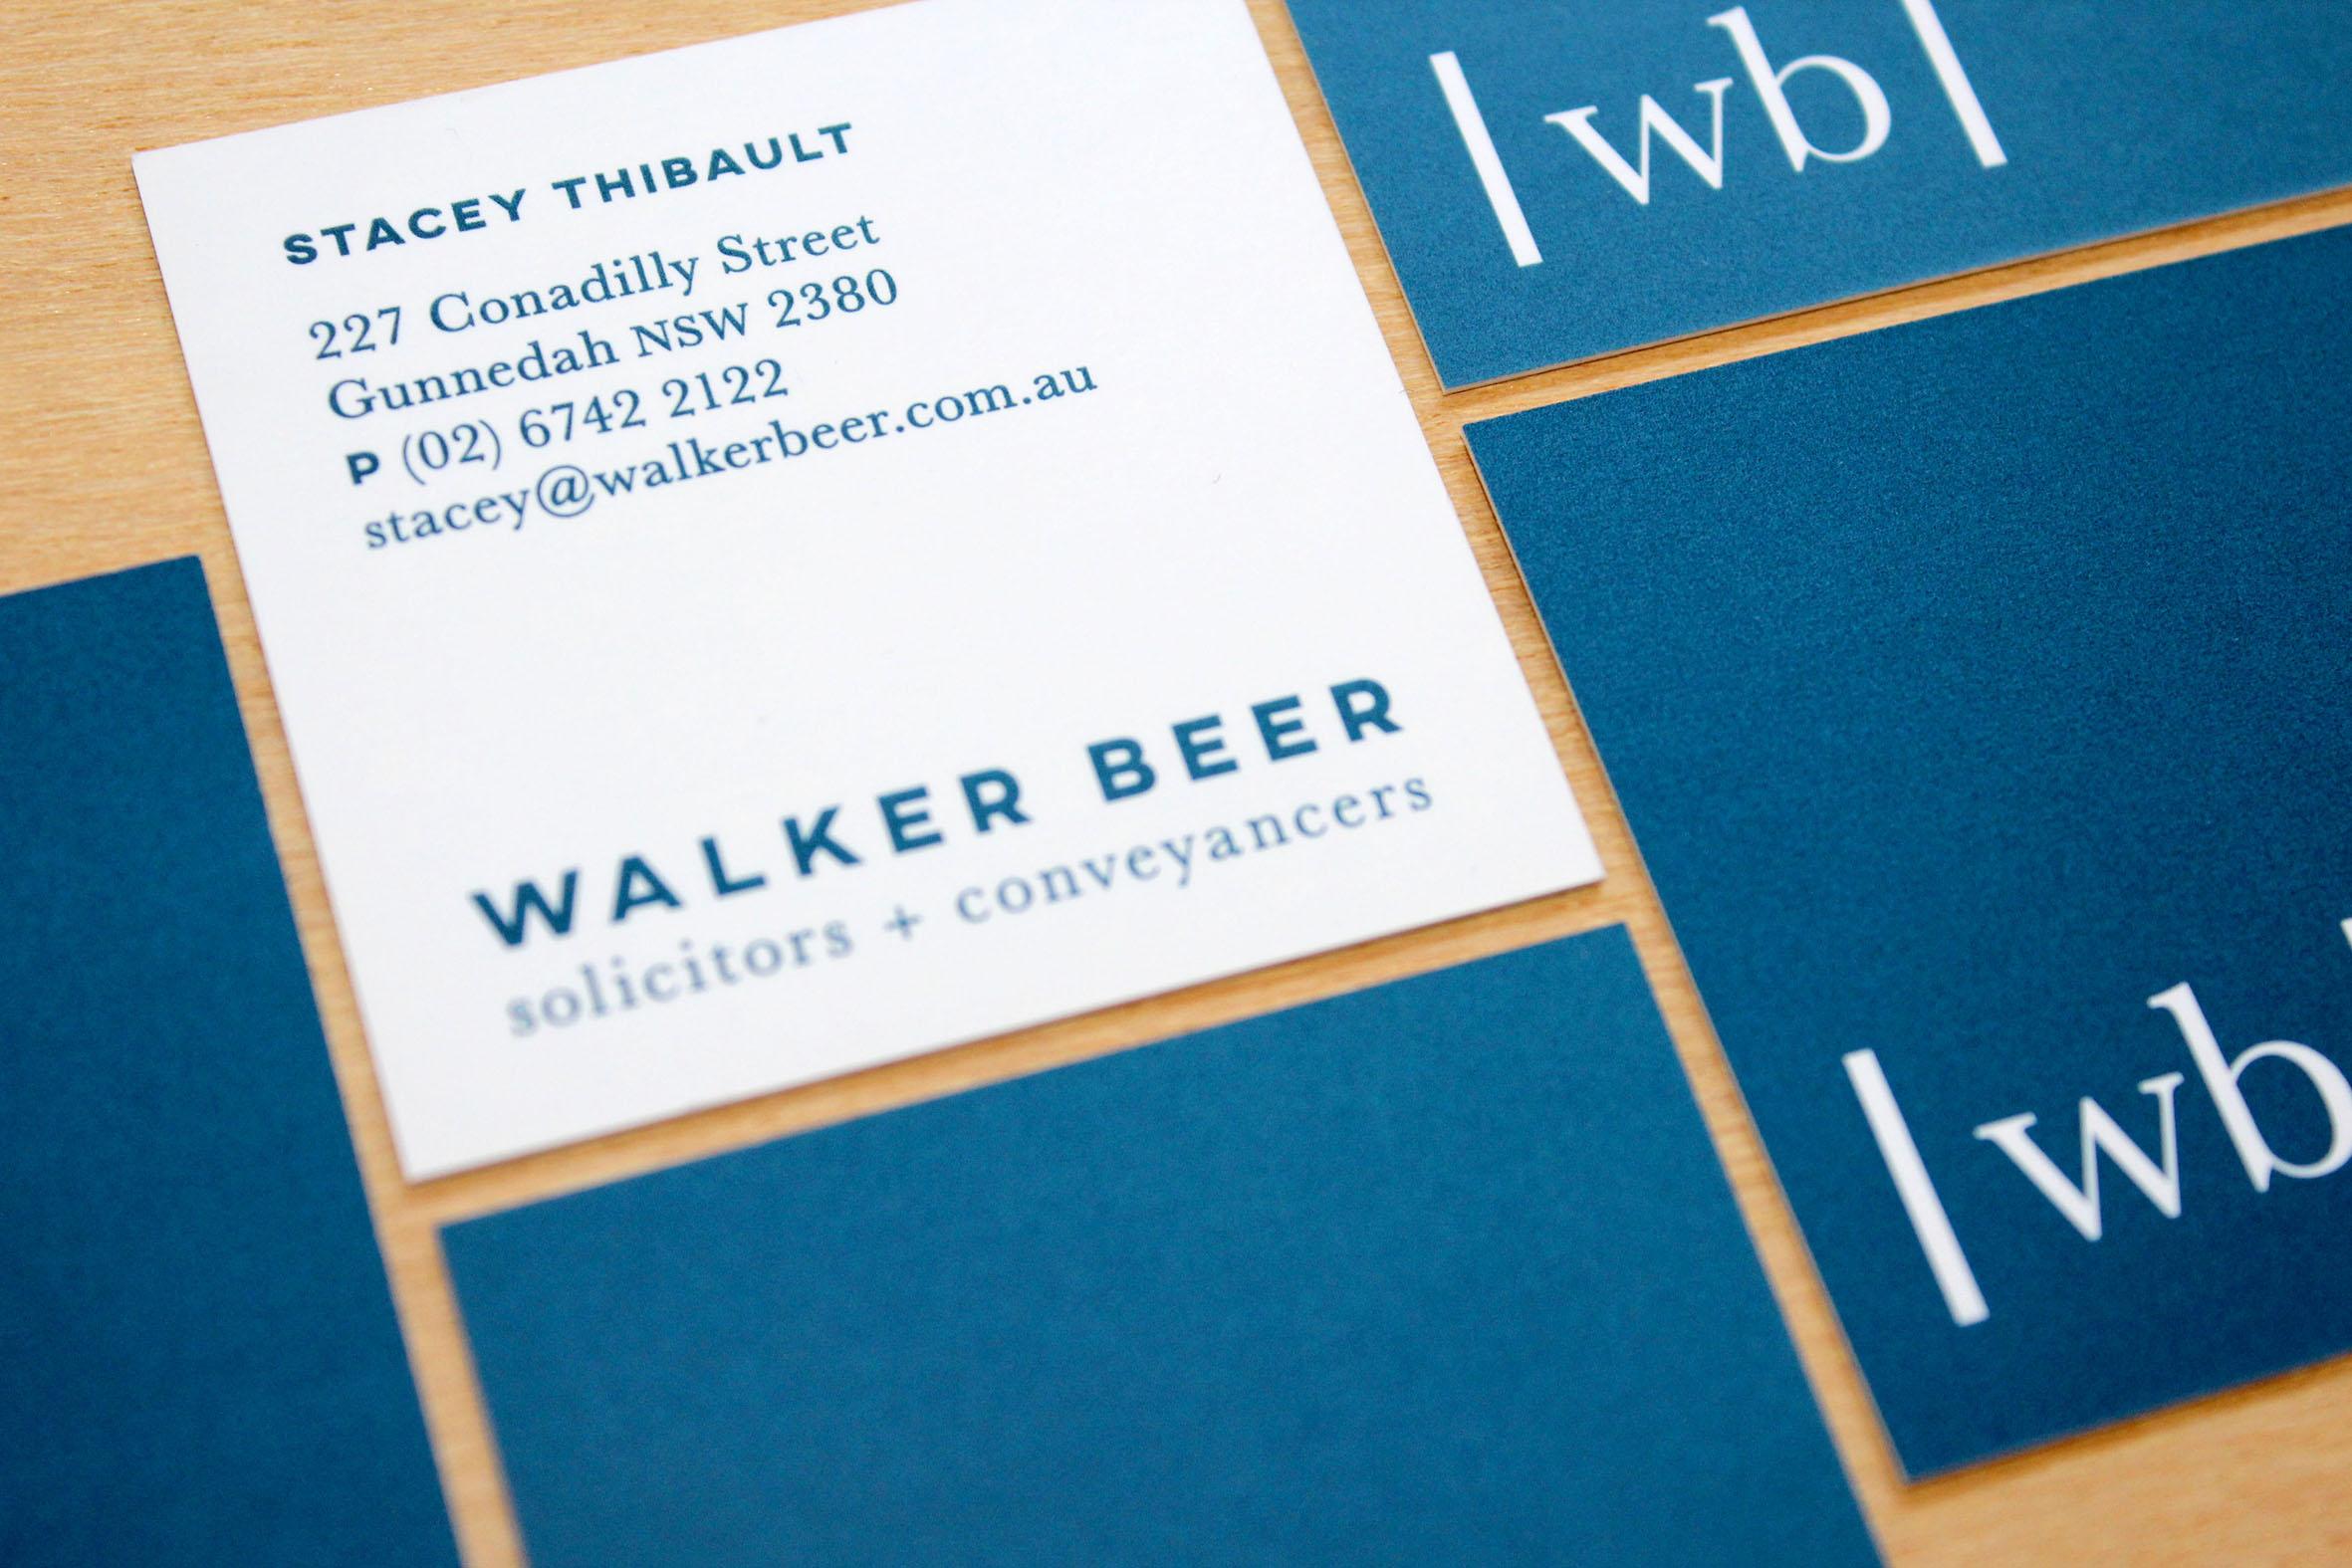 WB_cards_2w.jpg